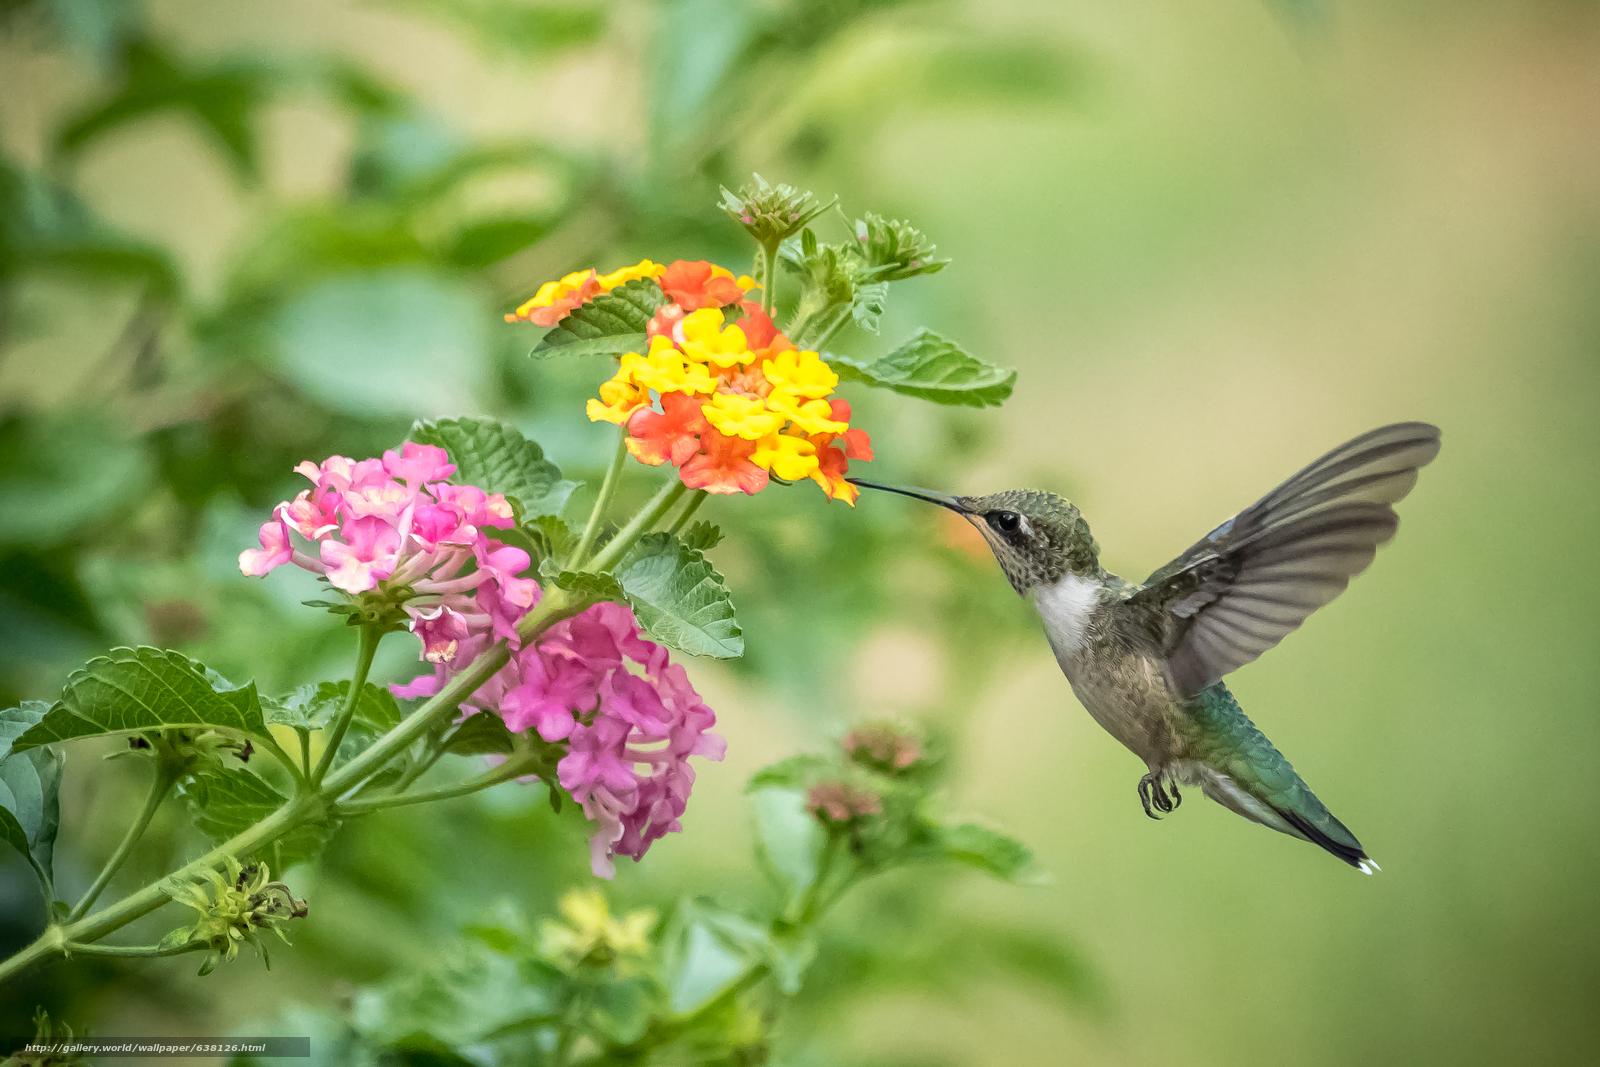 Скачать обои цветок,  птица,  колибри бесплатно для рабочего стола в разрешении 3000x2000 — картинка №638126